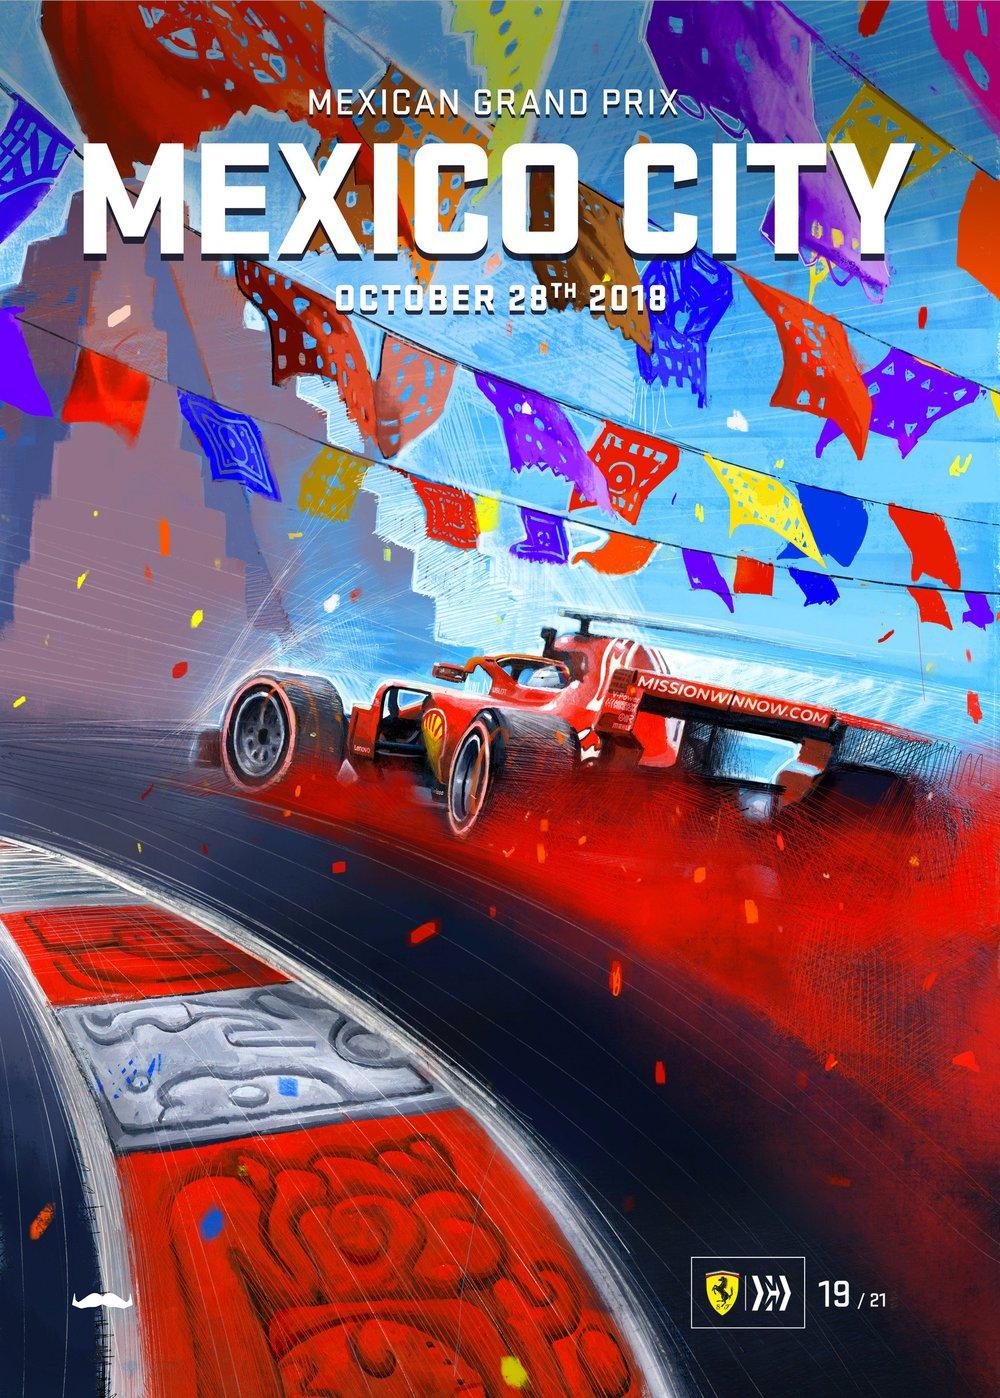 2018 Mexican Grand Prix